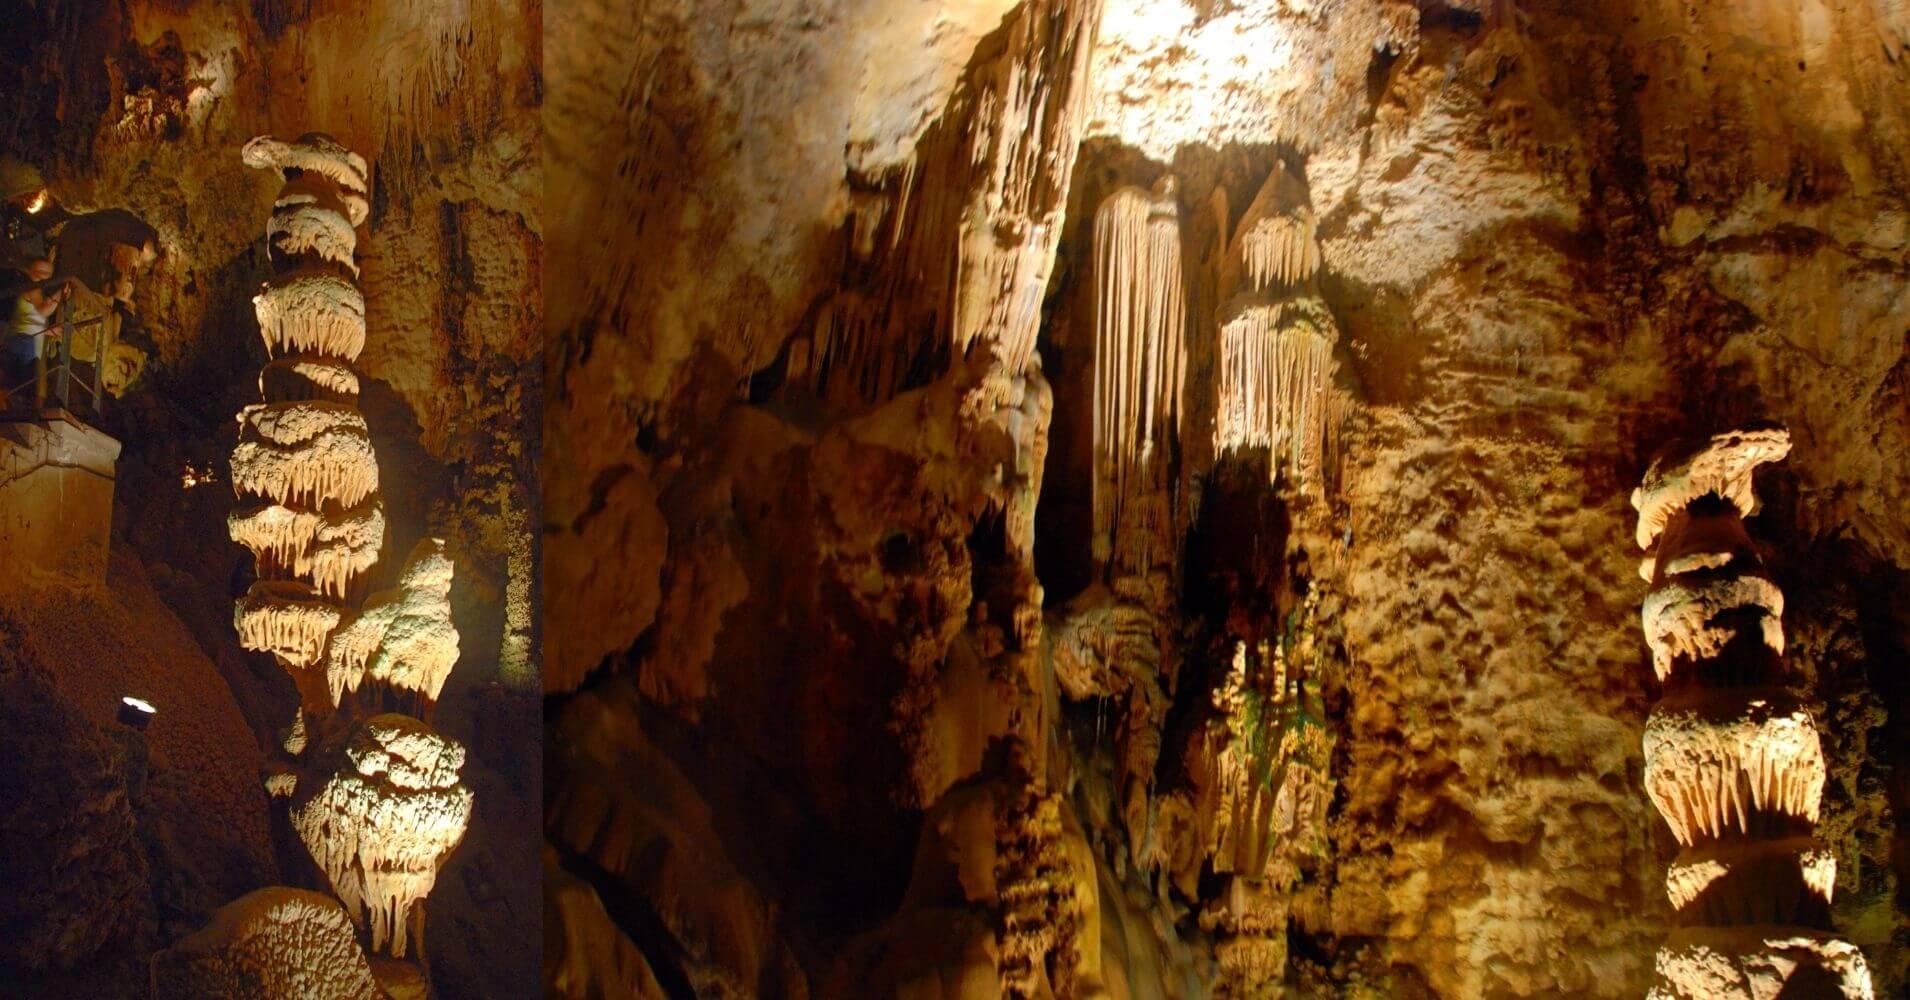 Cueva de Calelobre. Cueva del Candelabro. Busot, Alicante. Comunidad Valenciana.